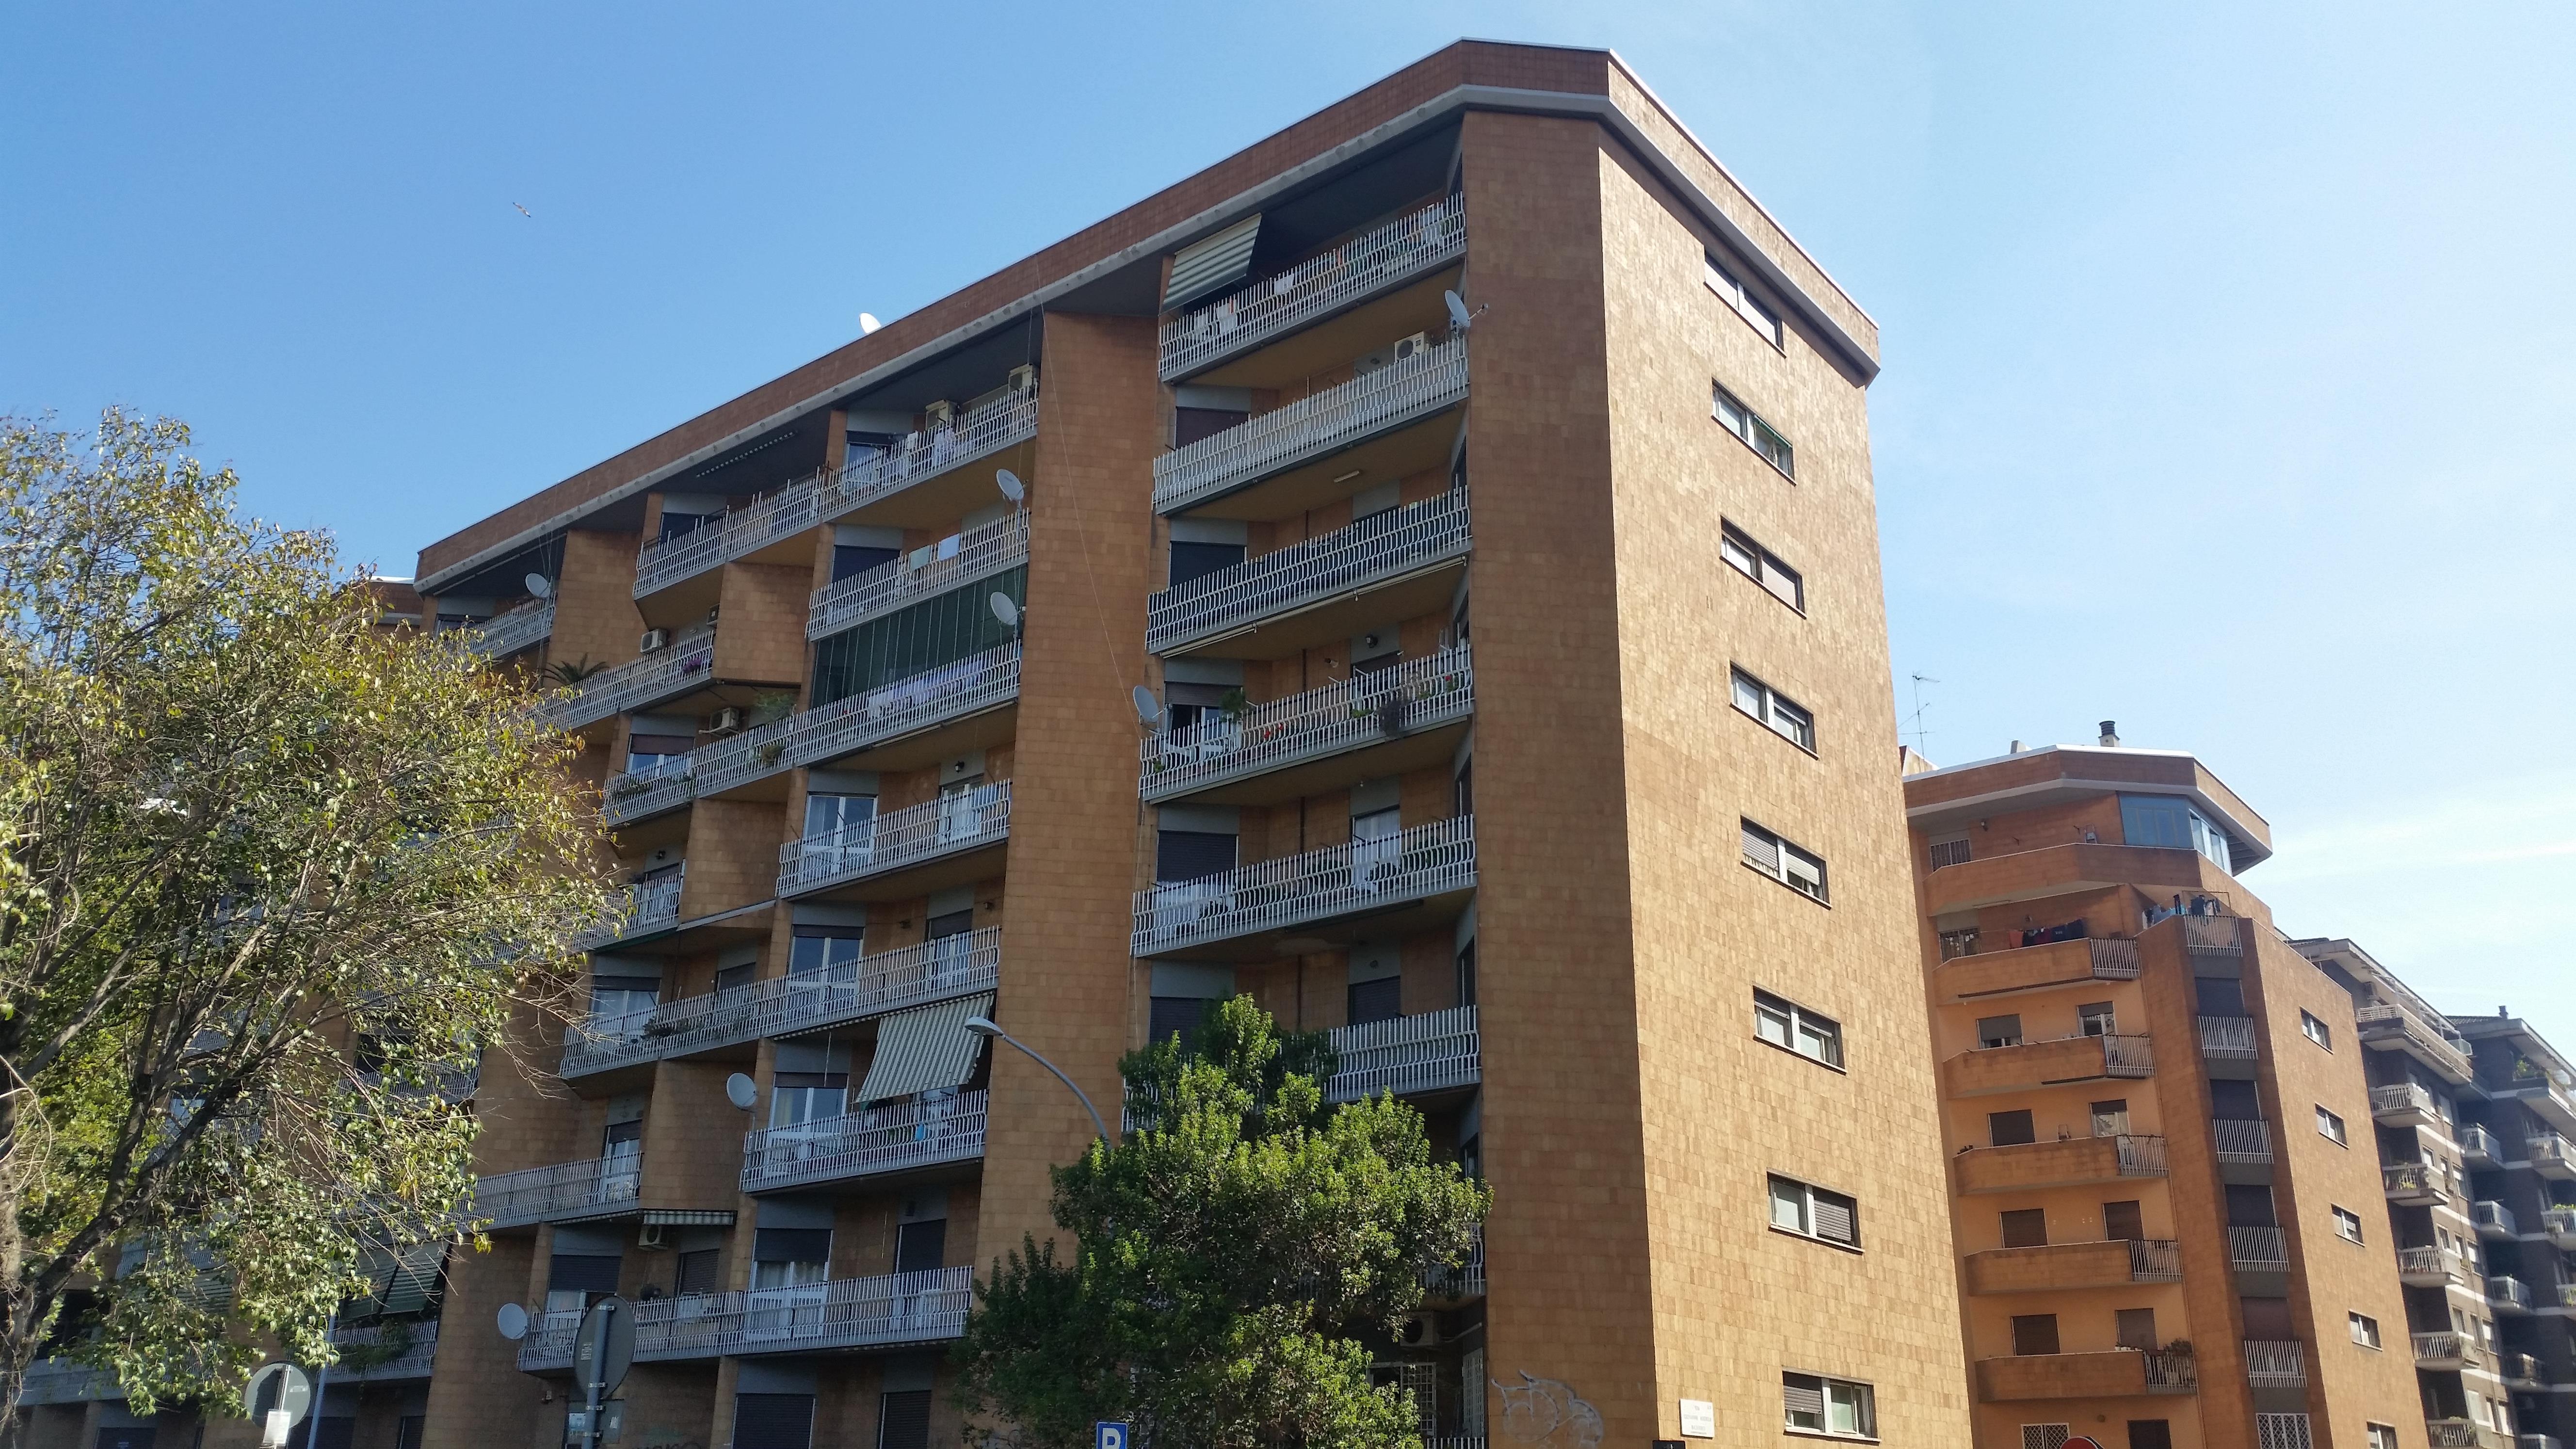 Affitto ufficio a roma in via badoero garbatella 73 2016 for Ufficio decoro urbano comune di roma